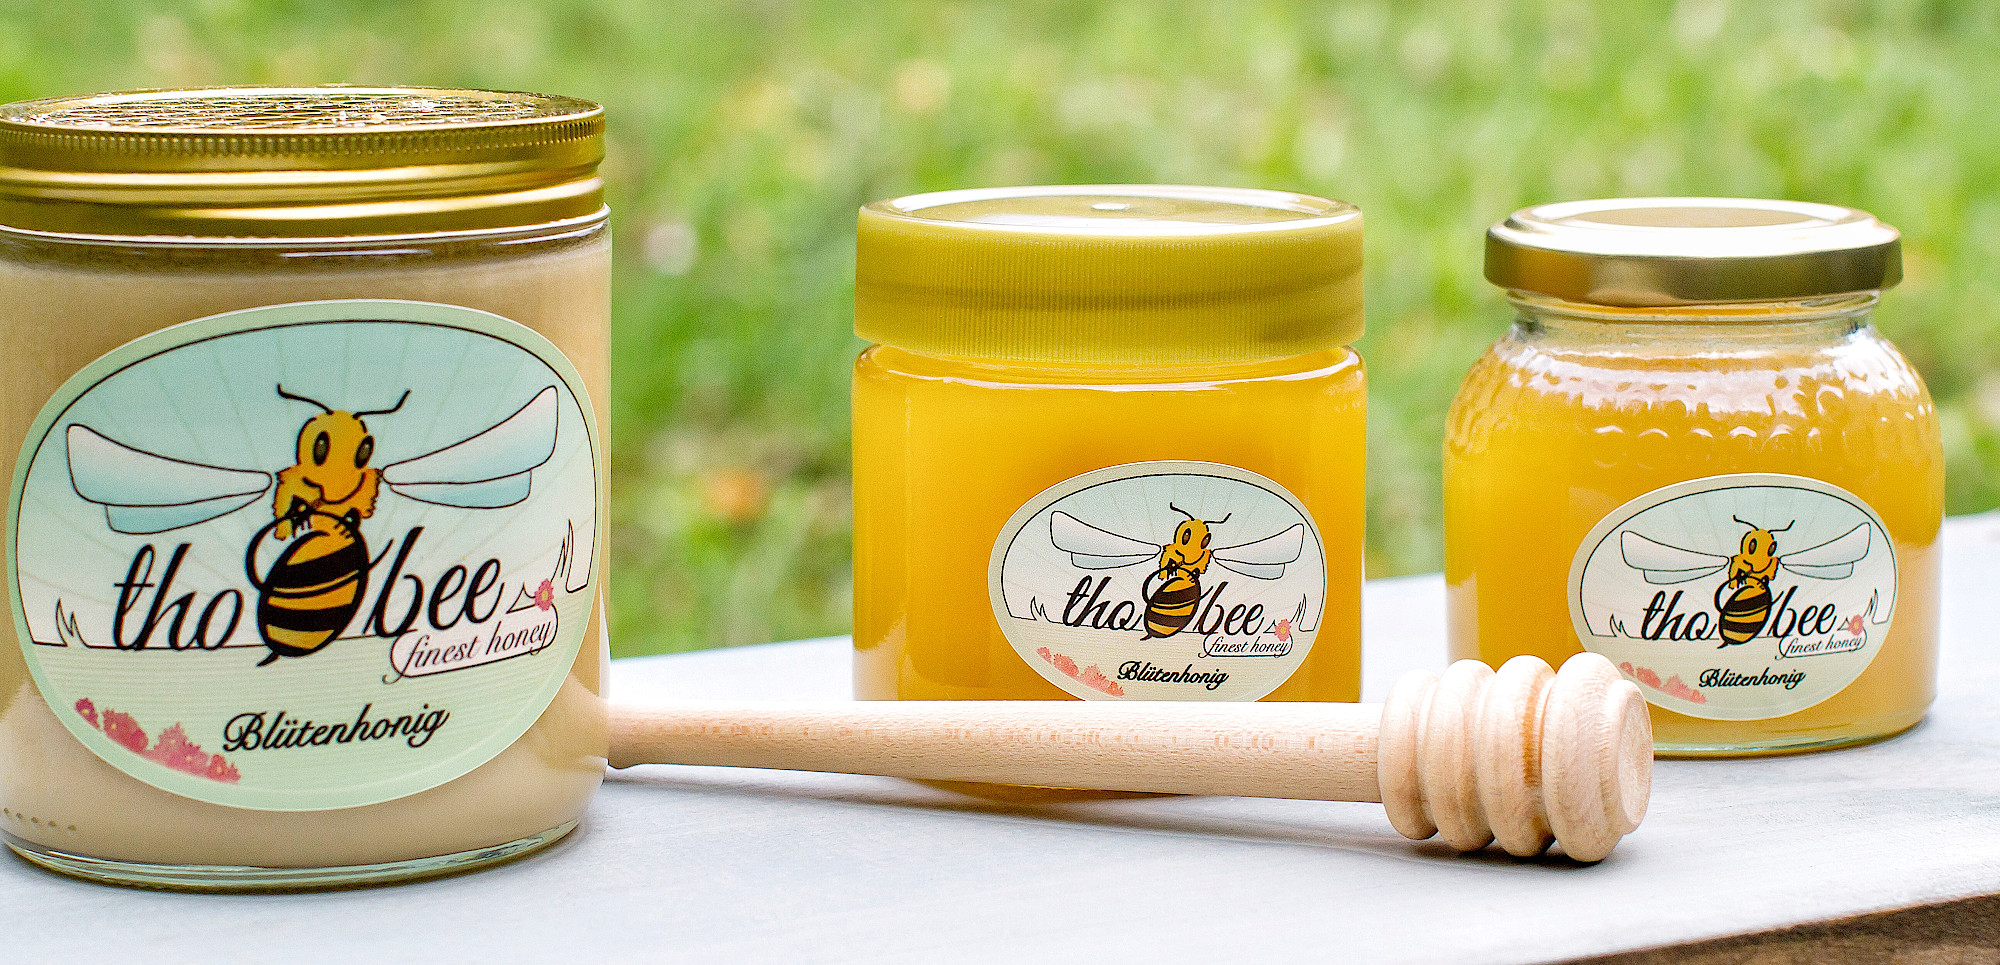 Honig-Auswahl der Imkerei thoobee